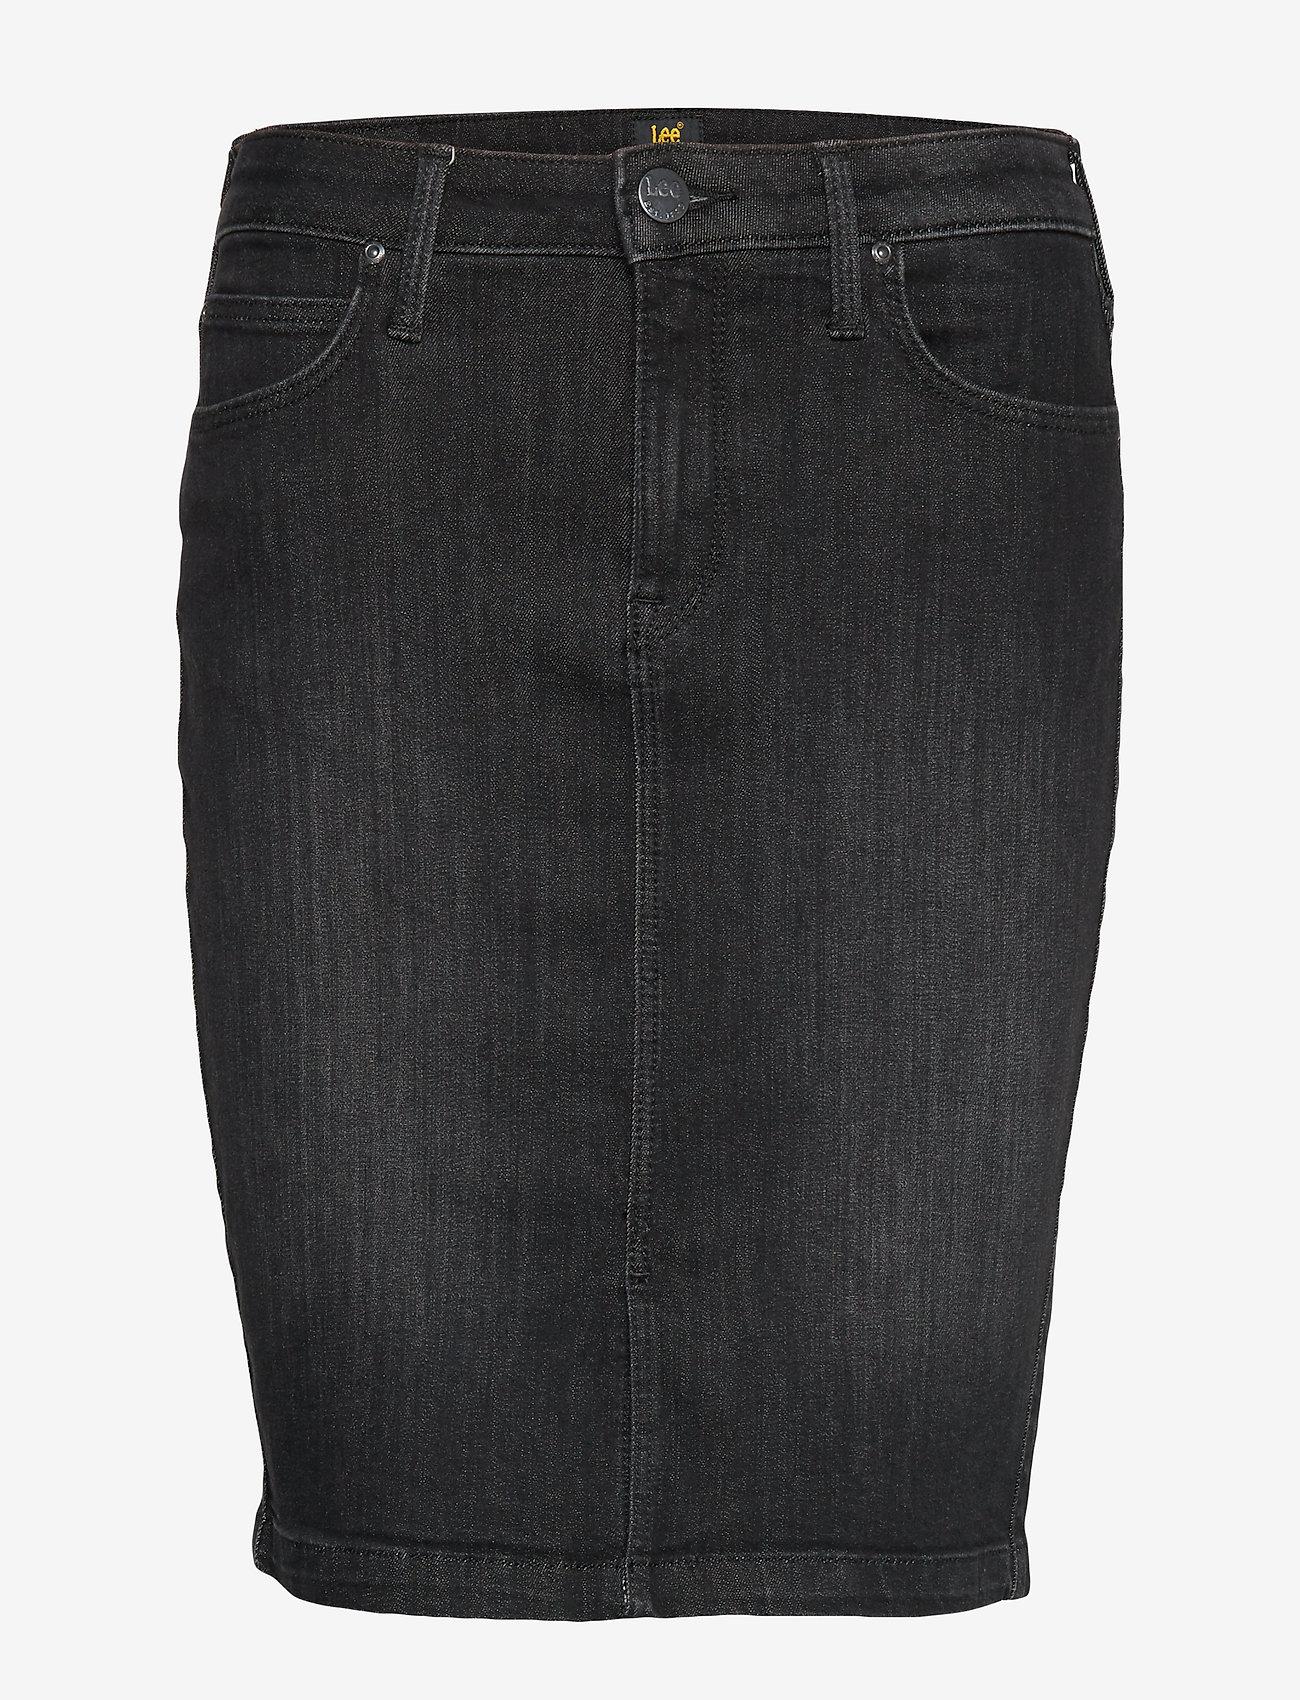 Lee Jeans - PENCIL SKIRT - denimskjørt - black orrick - 0